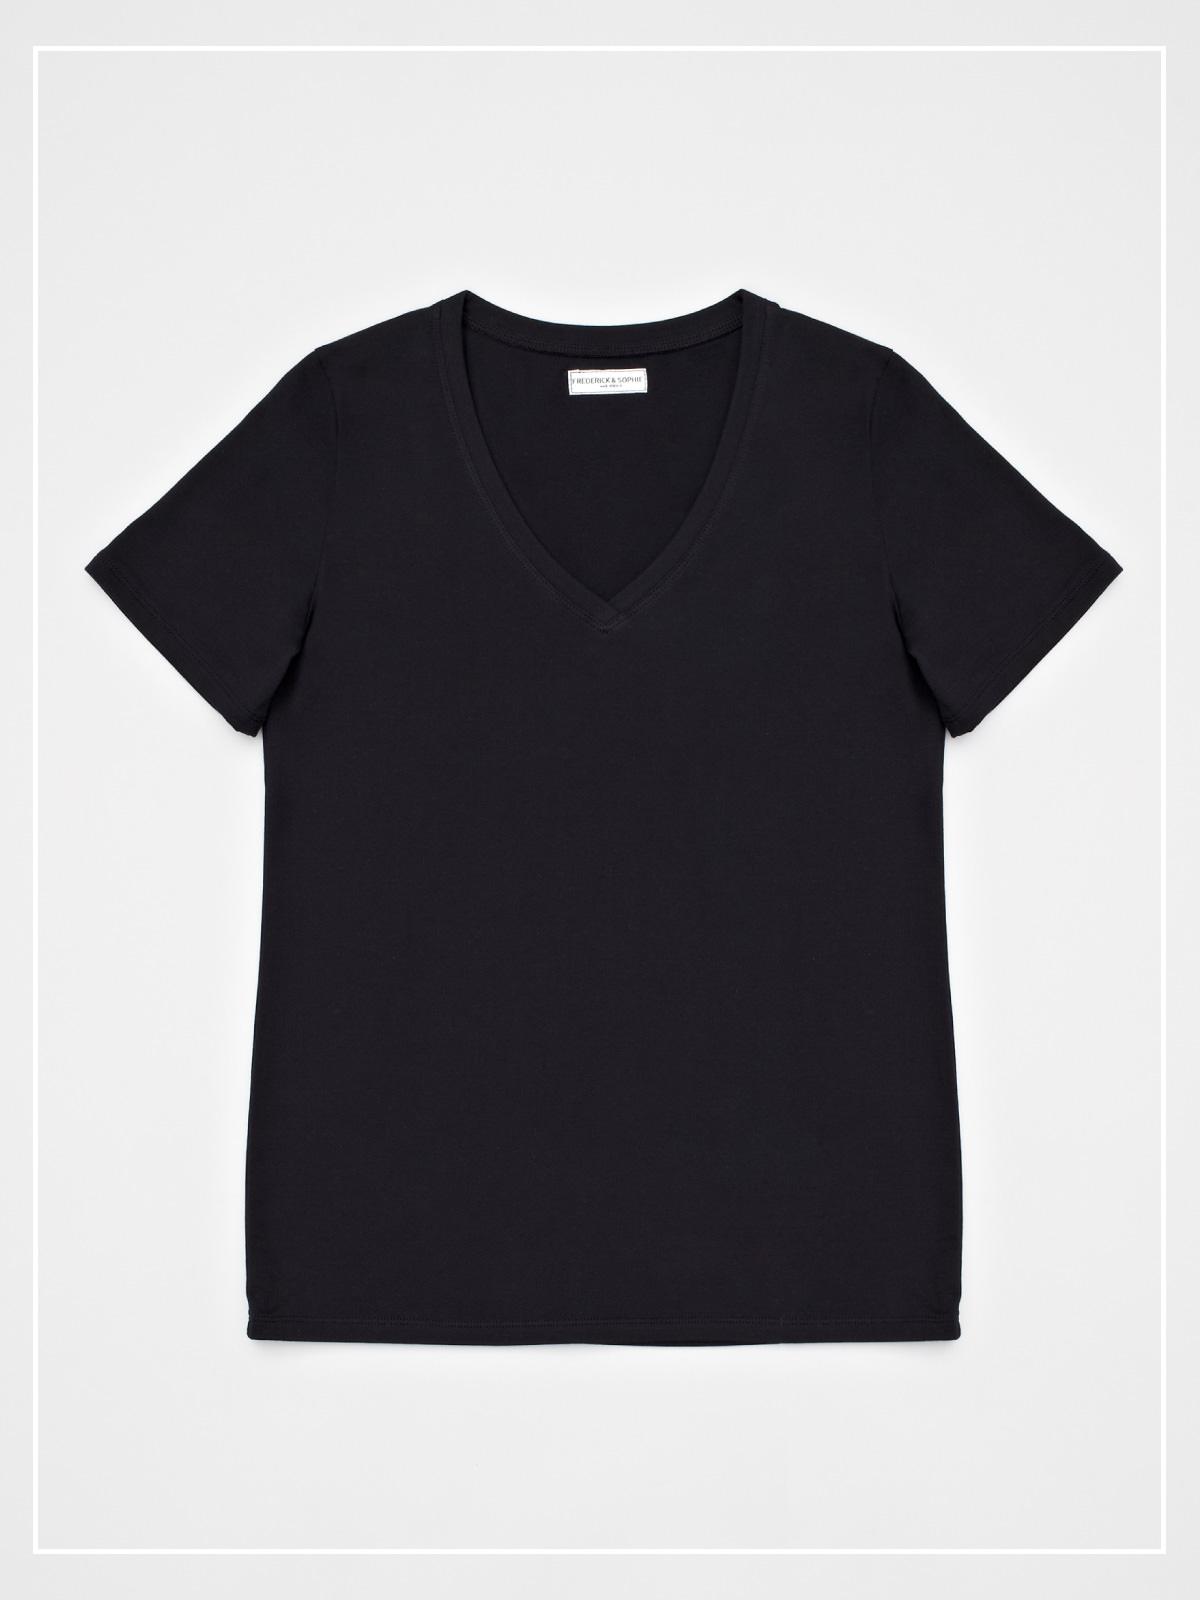 frederickandsophie-tshirt-vneck-black-grace